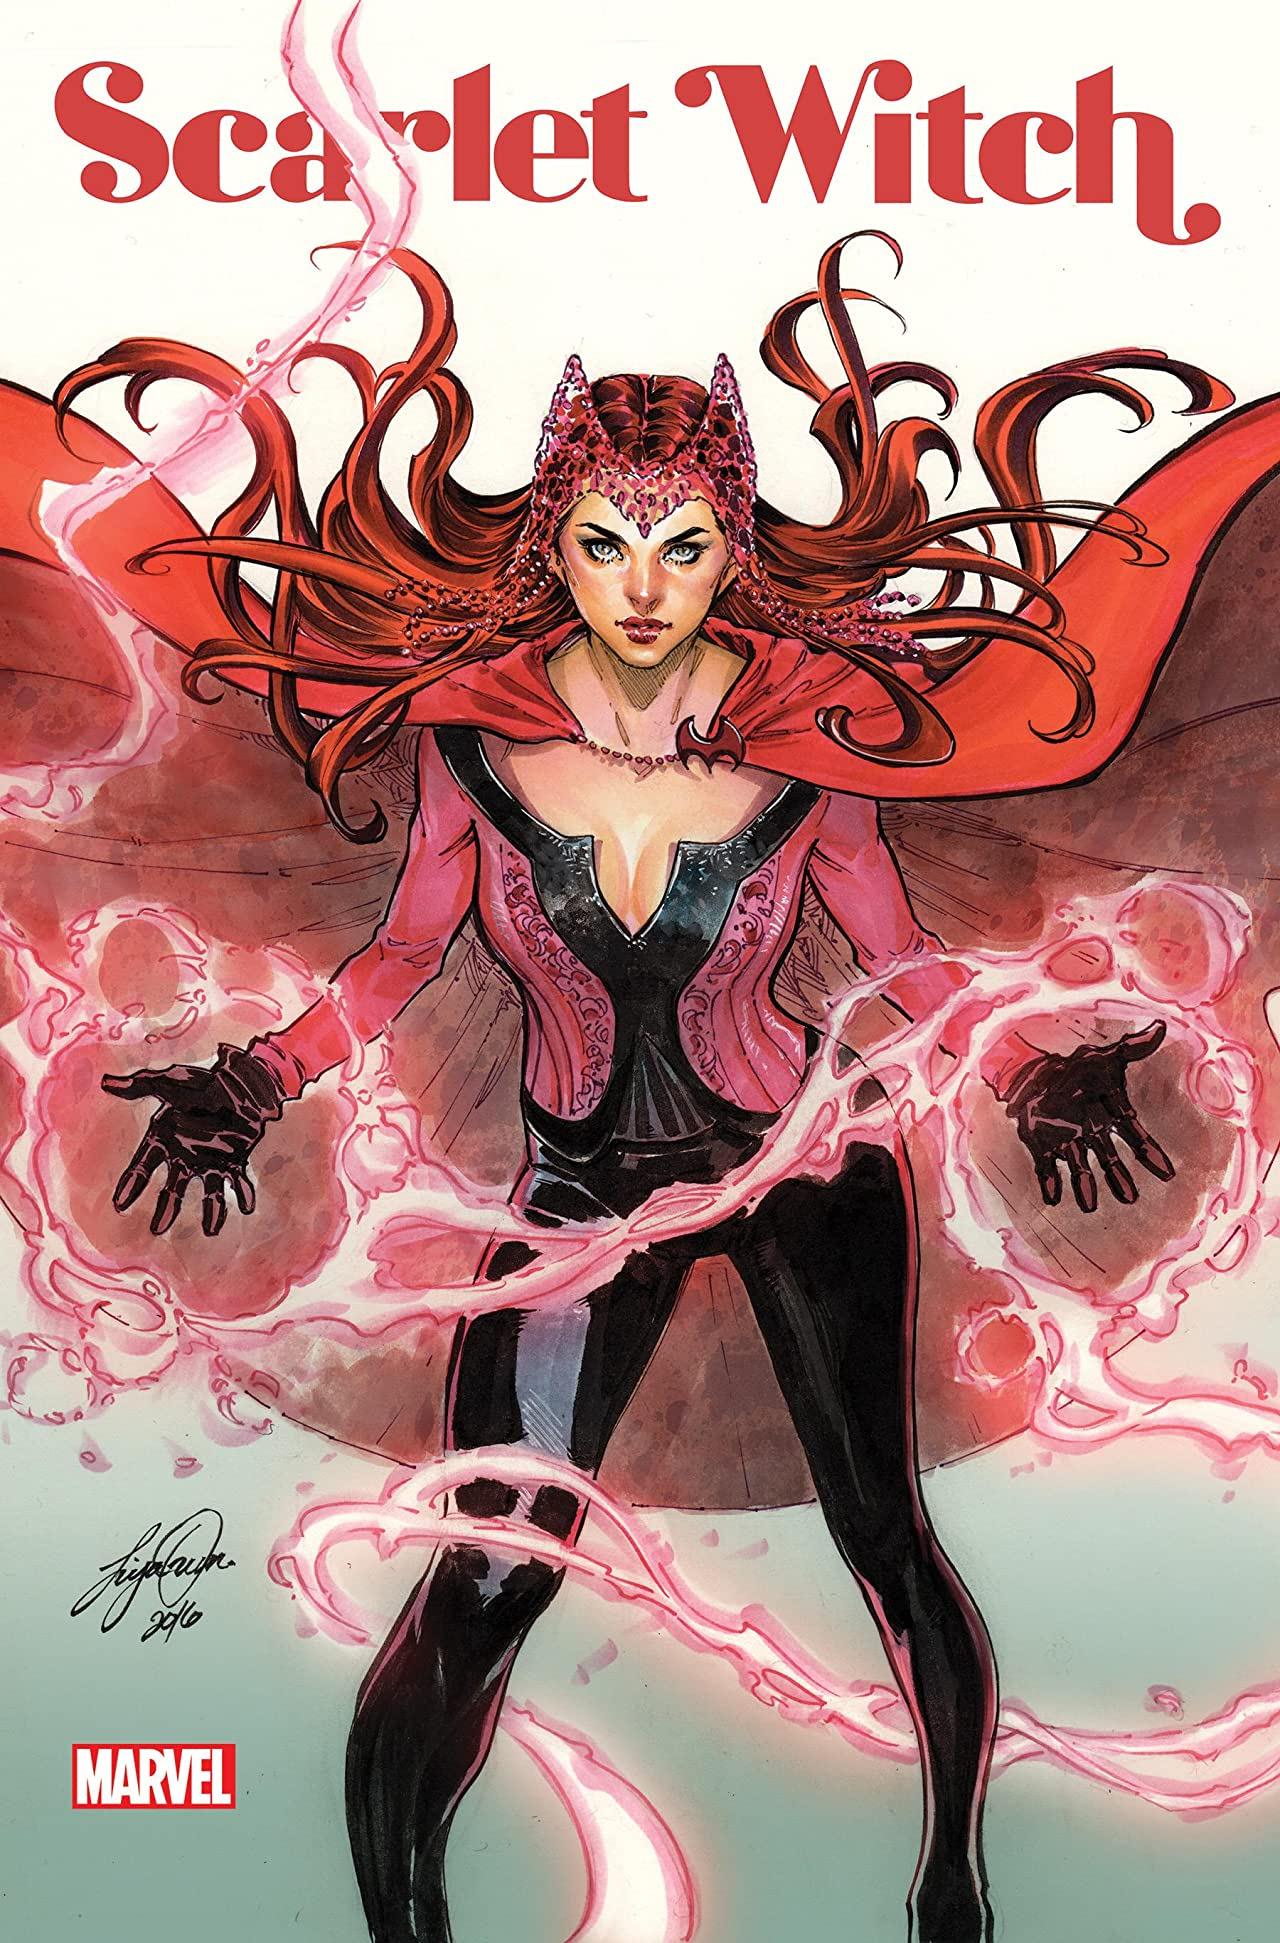 Scarlet Witch (James Robinson) - okładki